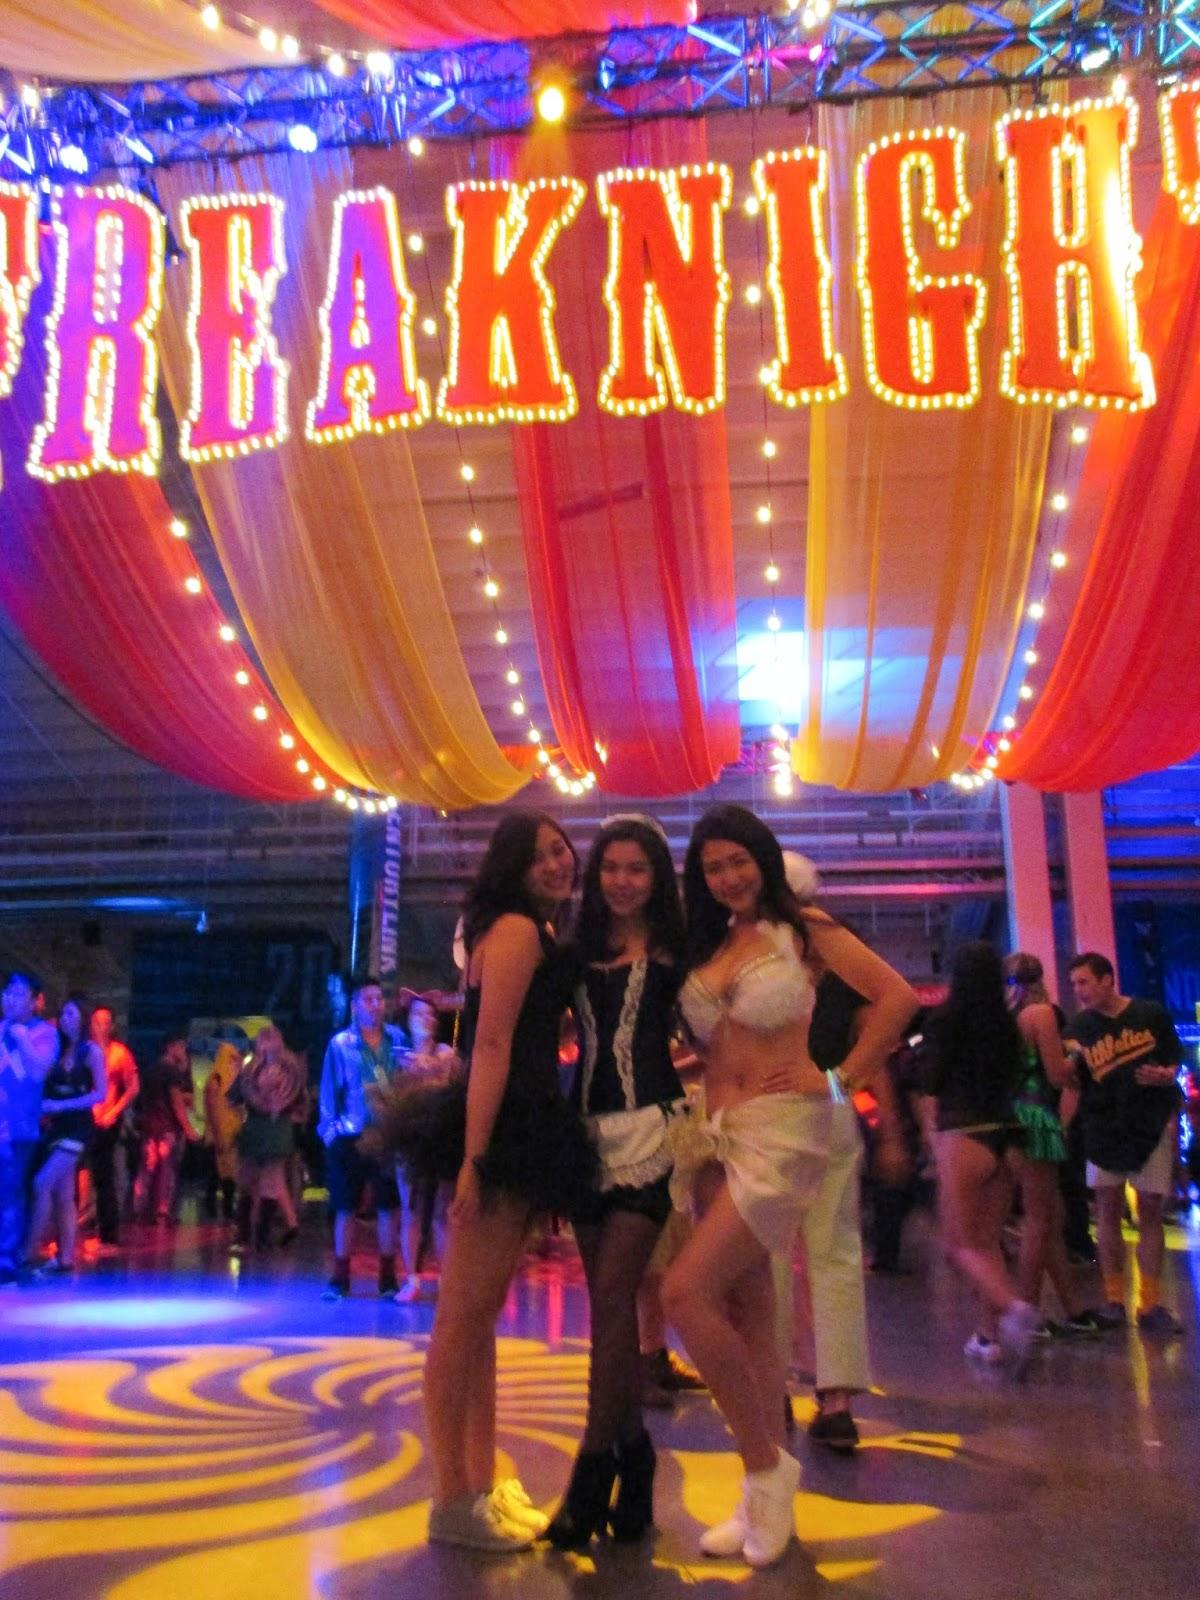 USC FreakNight Festival